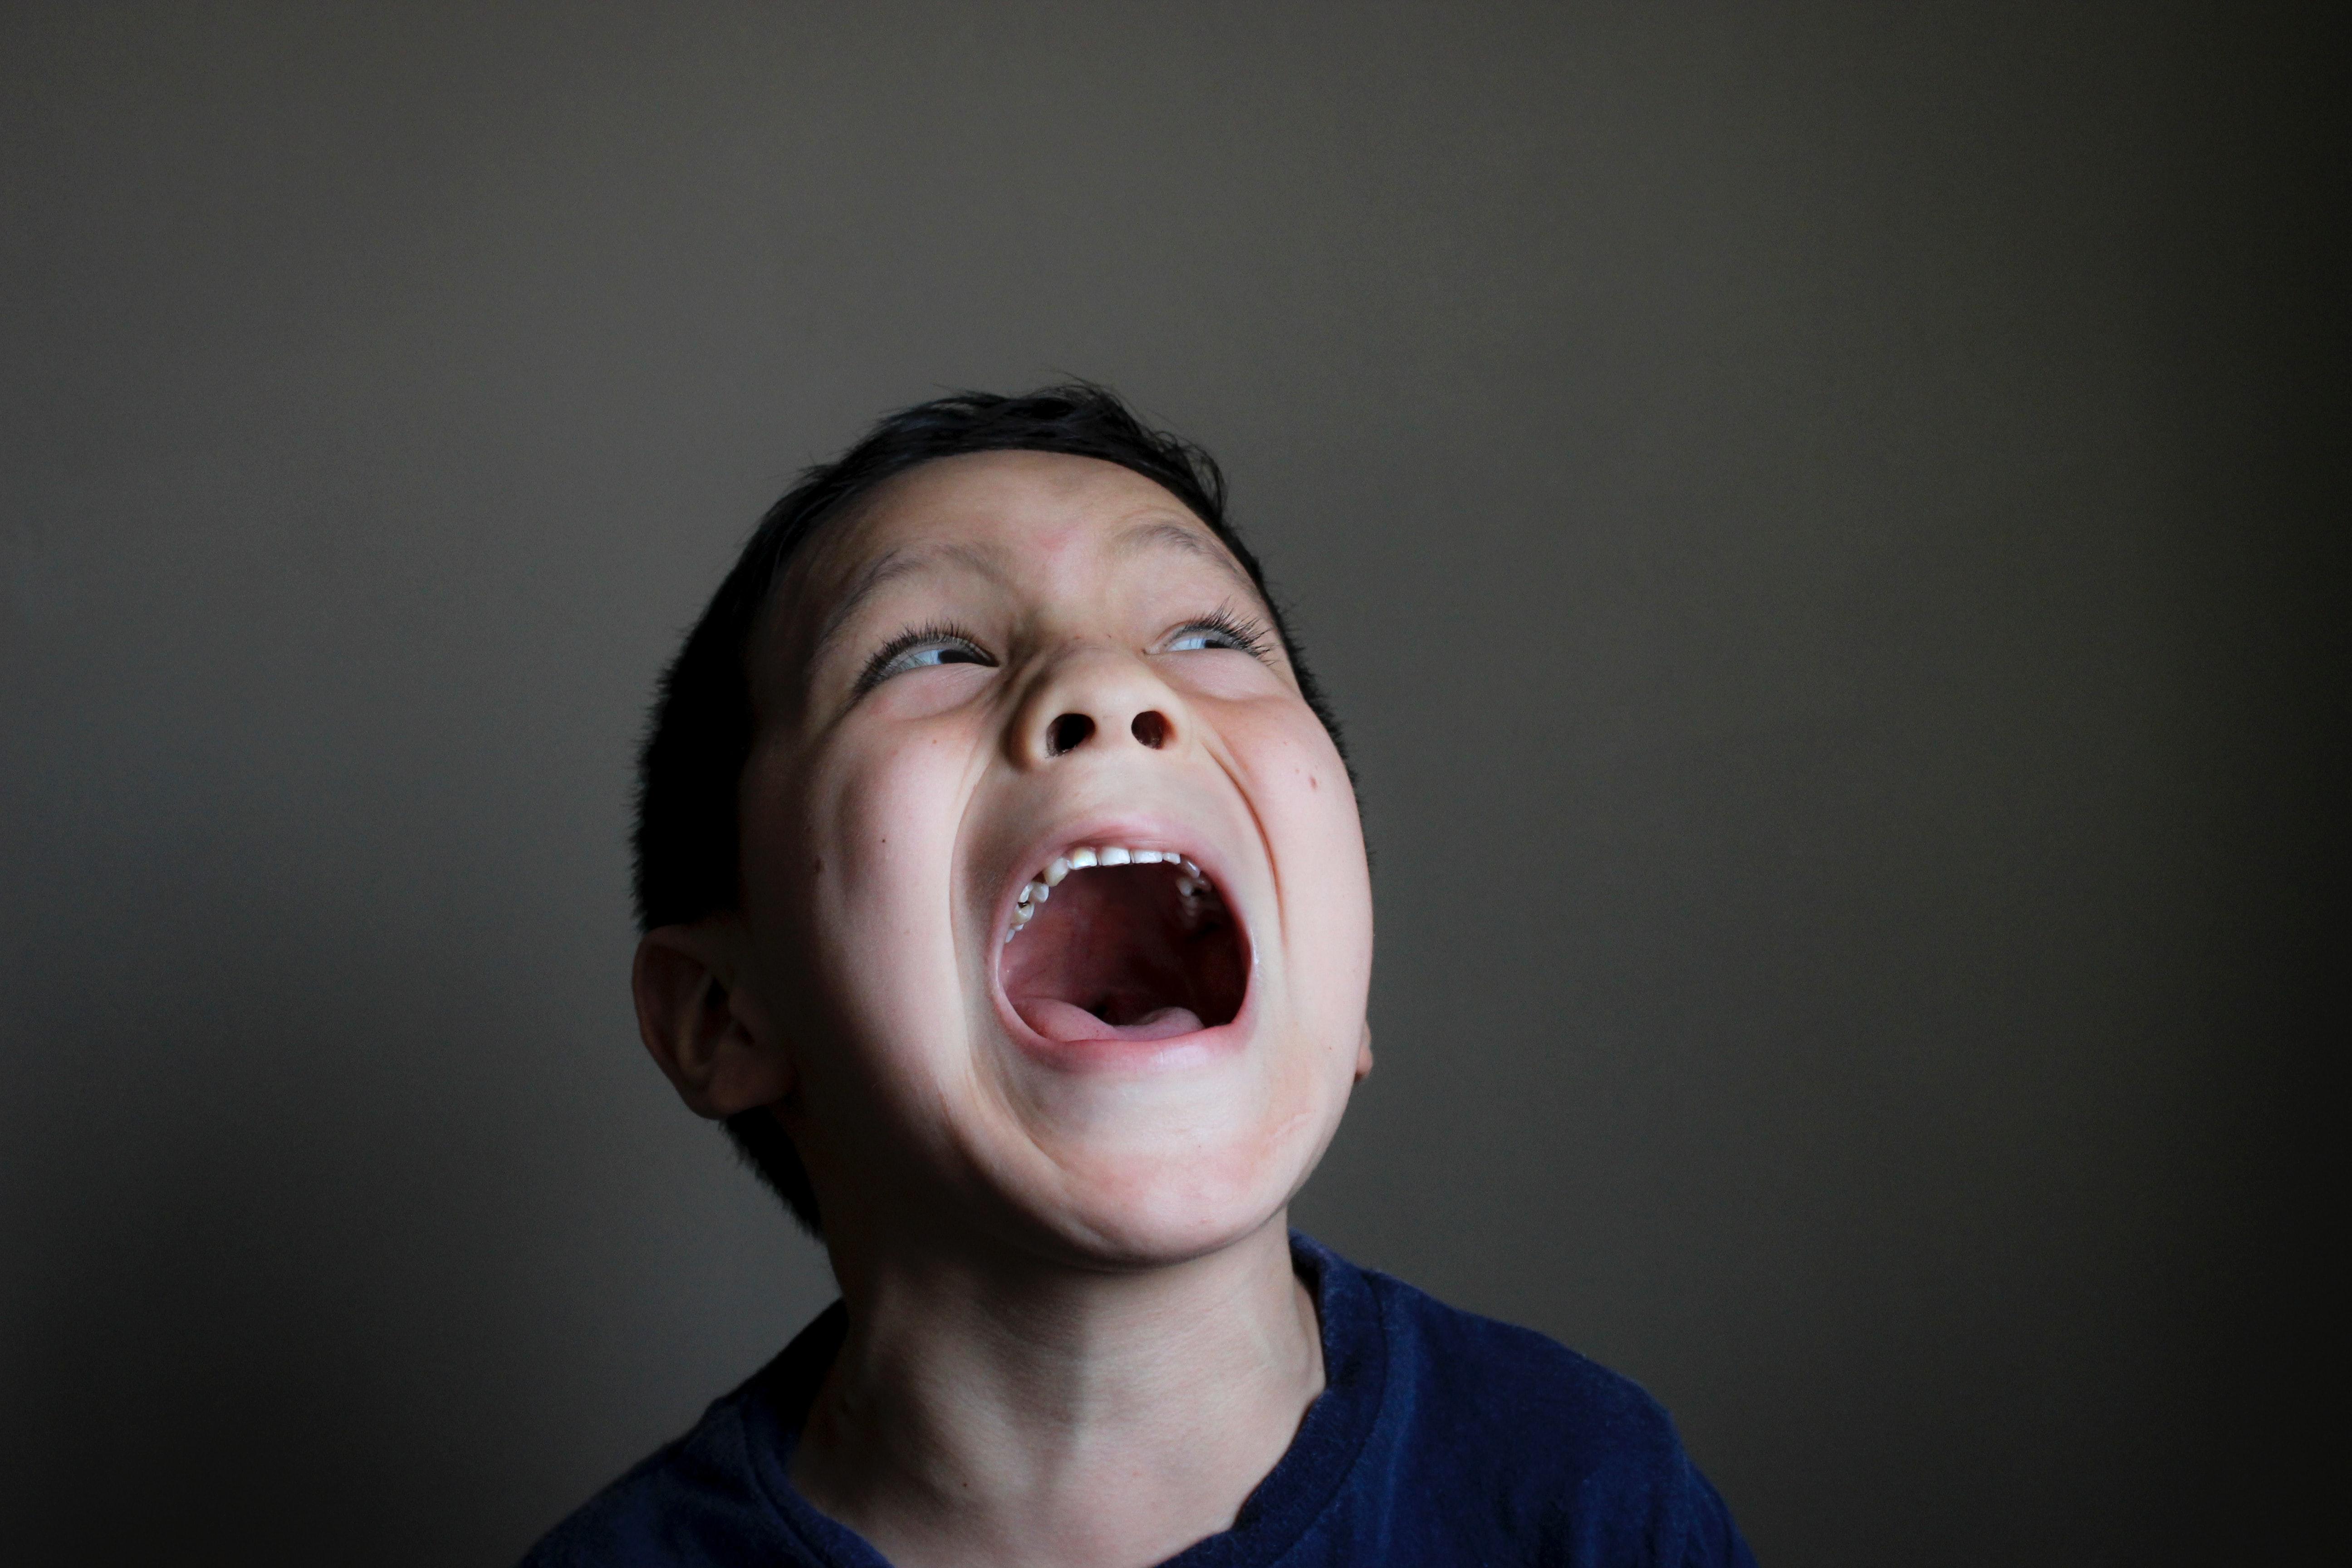 Verhaltensstörungen und psychische Probleme im Kinder- und Jugendlichenalter